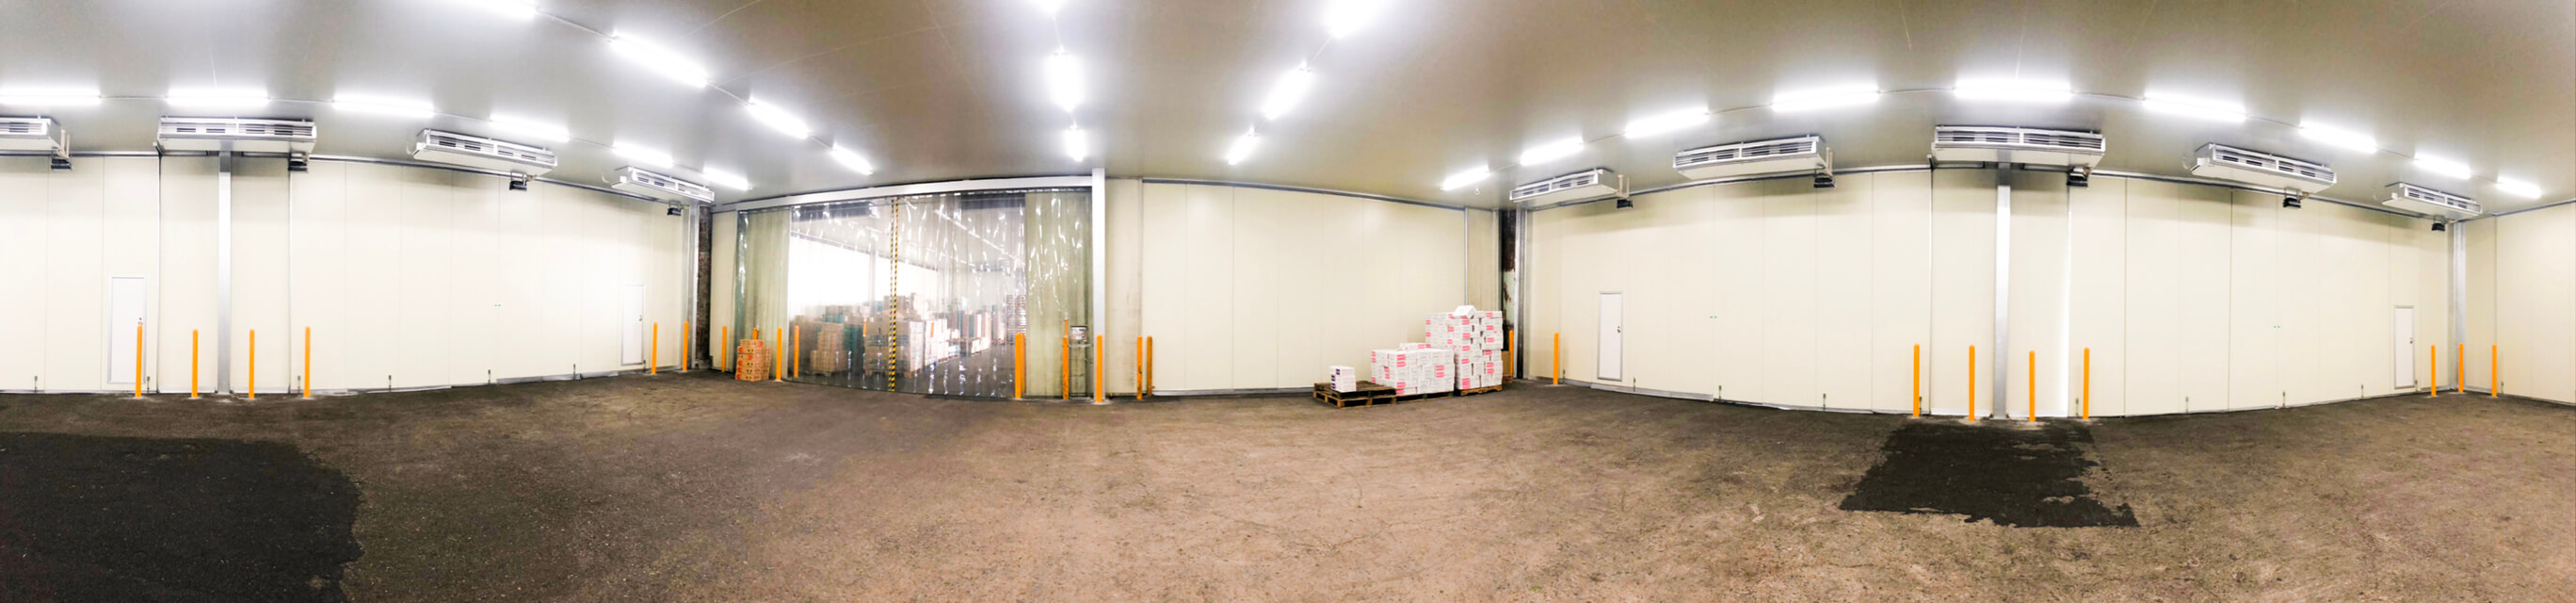 浦和中央青果市場 第5期工事 内観パノラマ画像